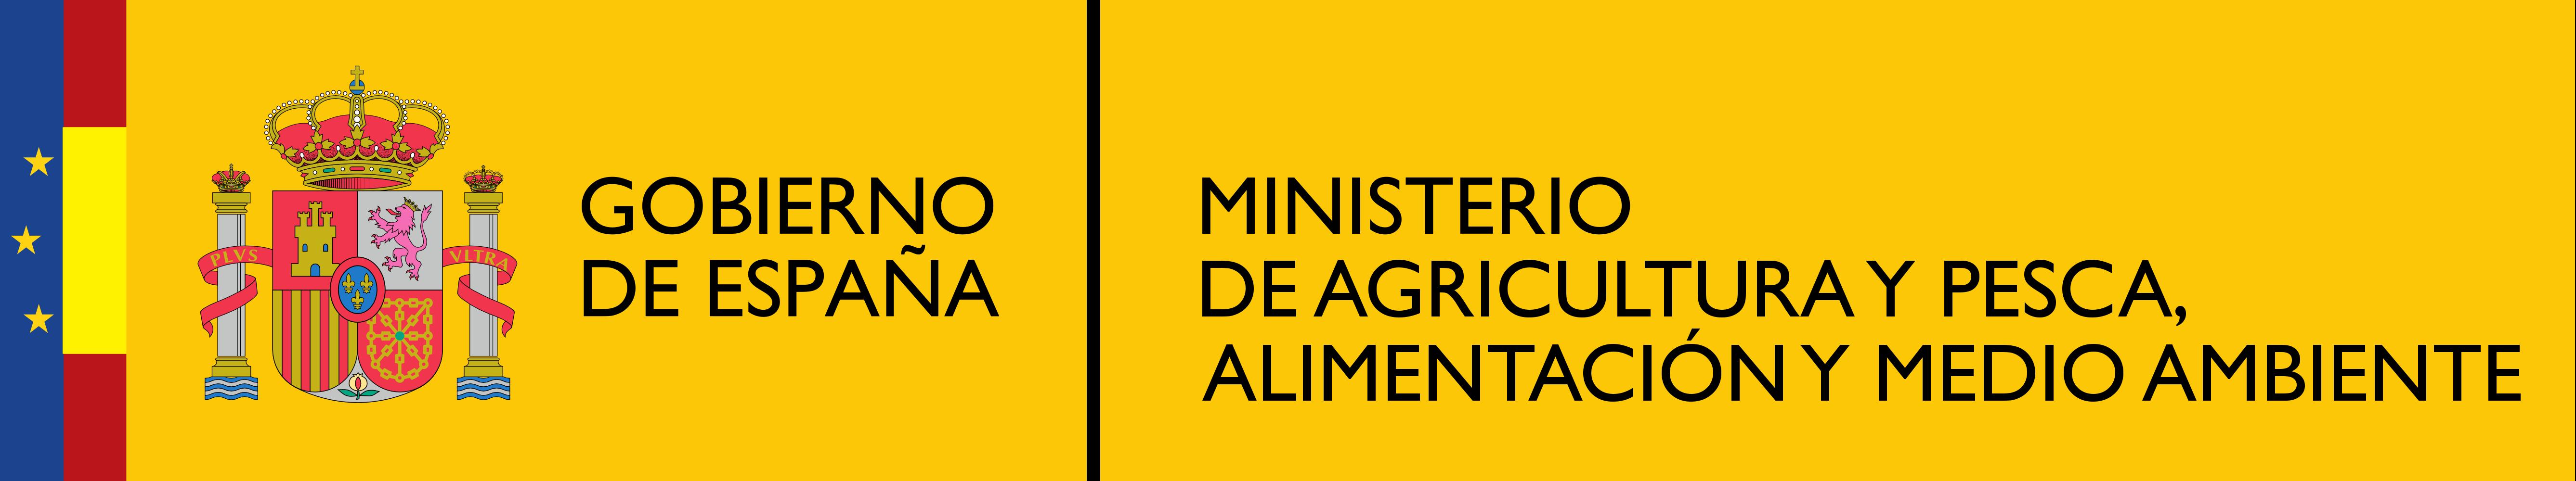 Ministerio de Agricultura y Pesca, Alimentación y Medio Ambiente